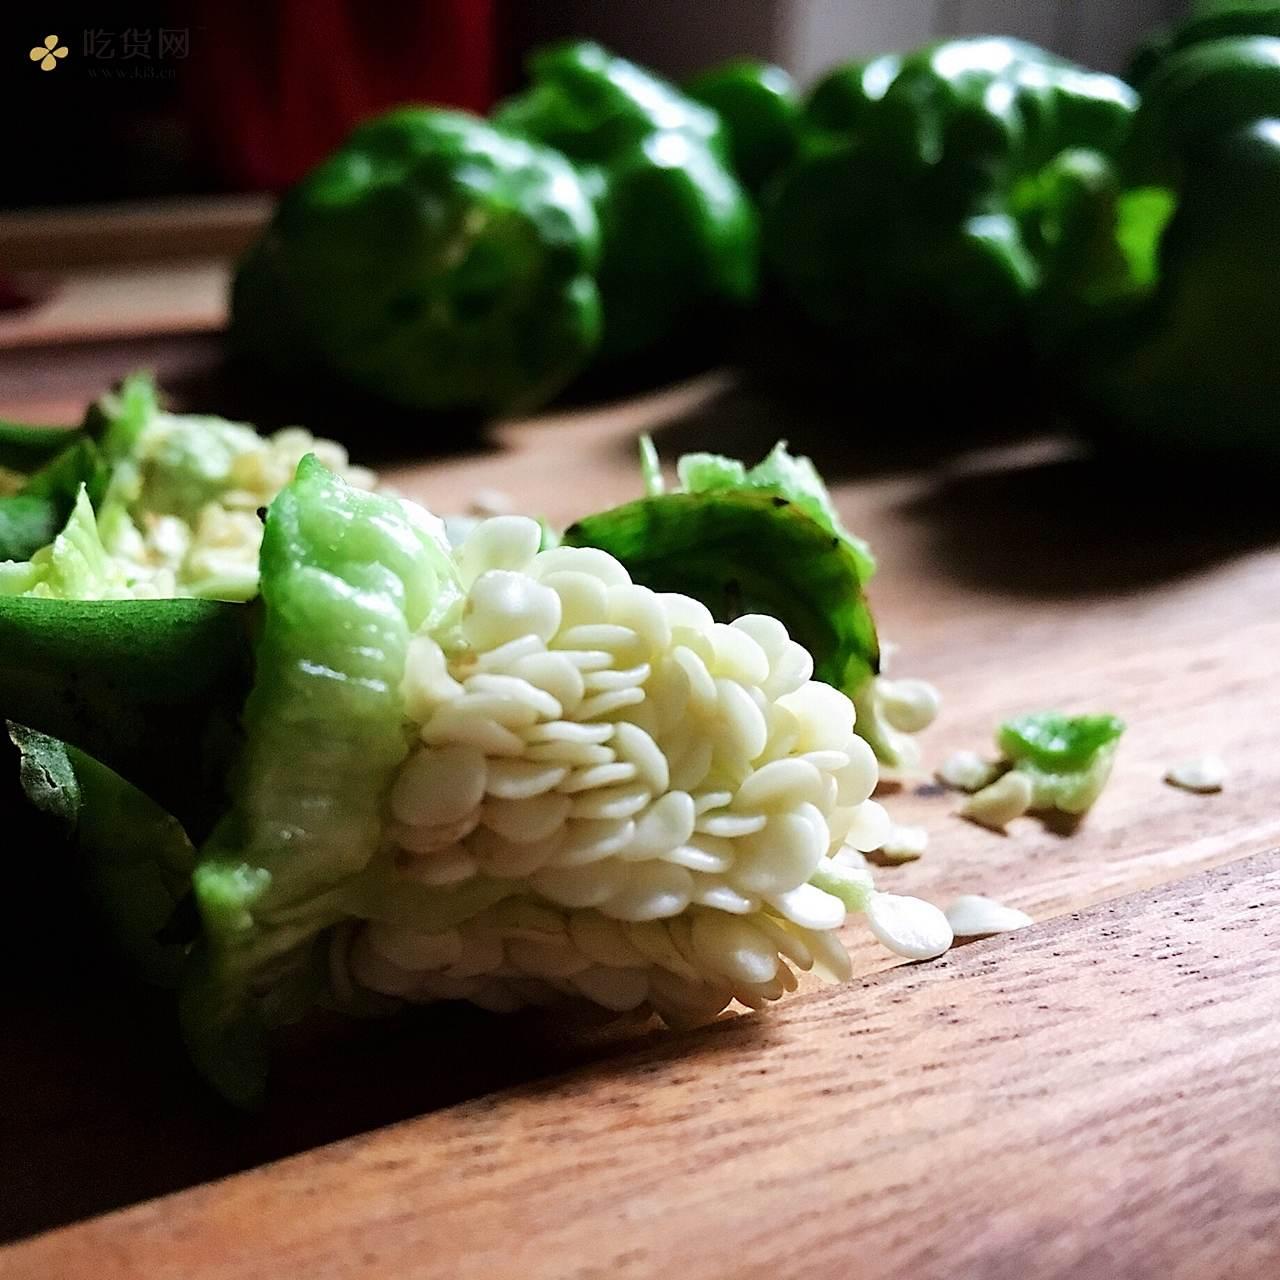 🔥下饭【古早·虎皮青椒】私房做法·不需大蒜和调汁的做法 步骤2